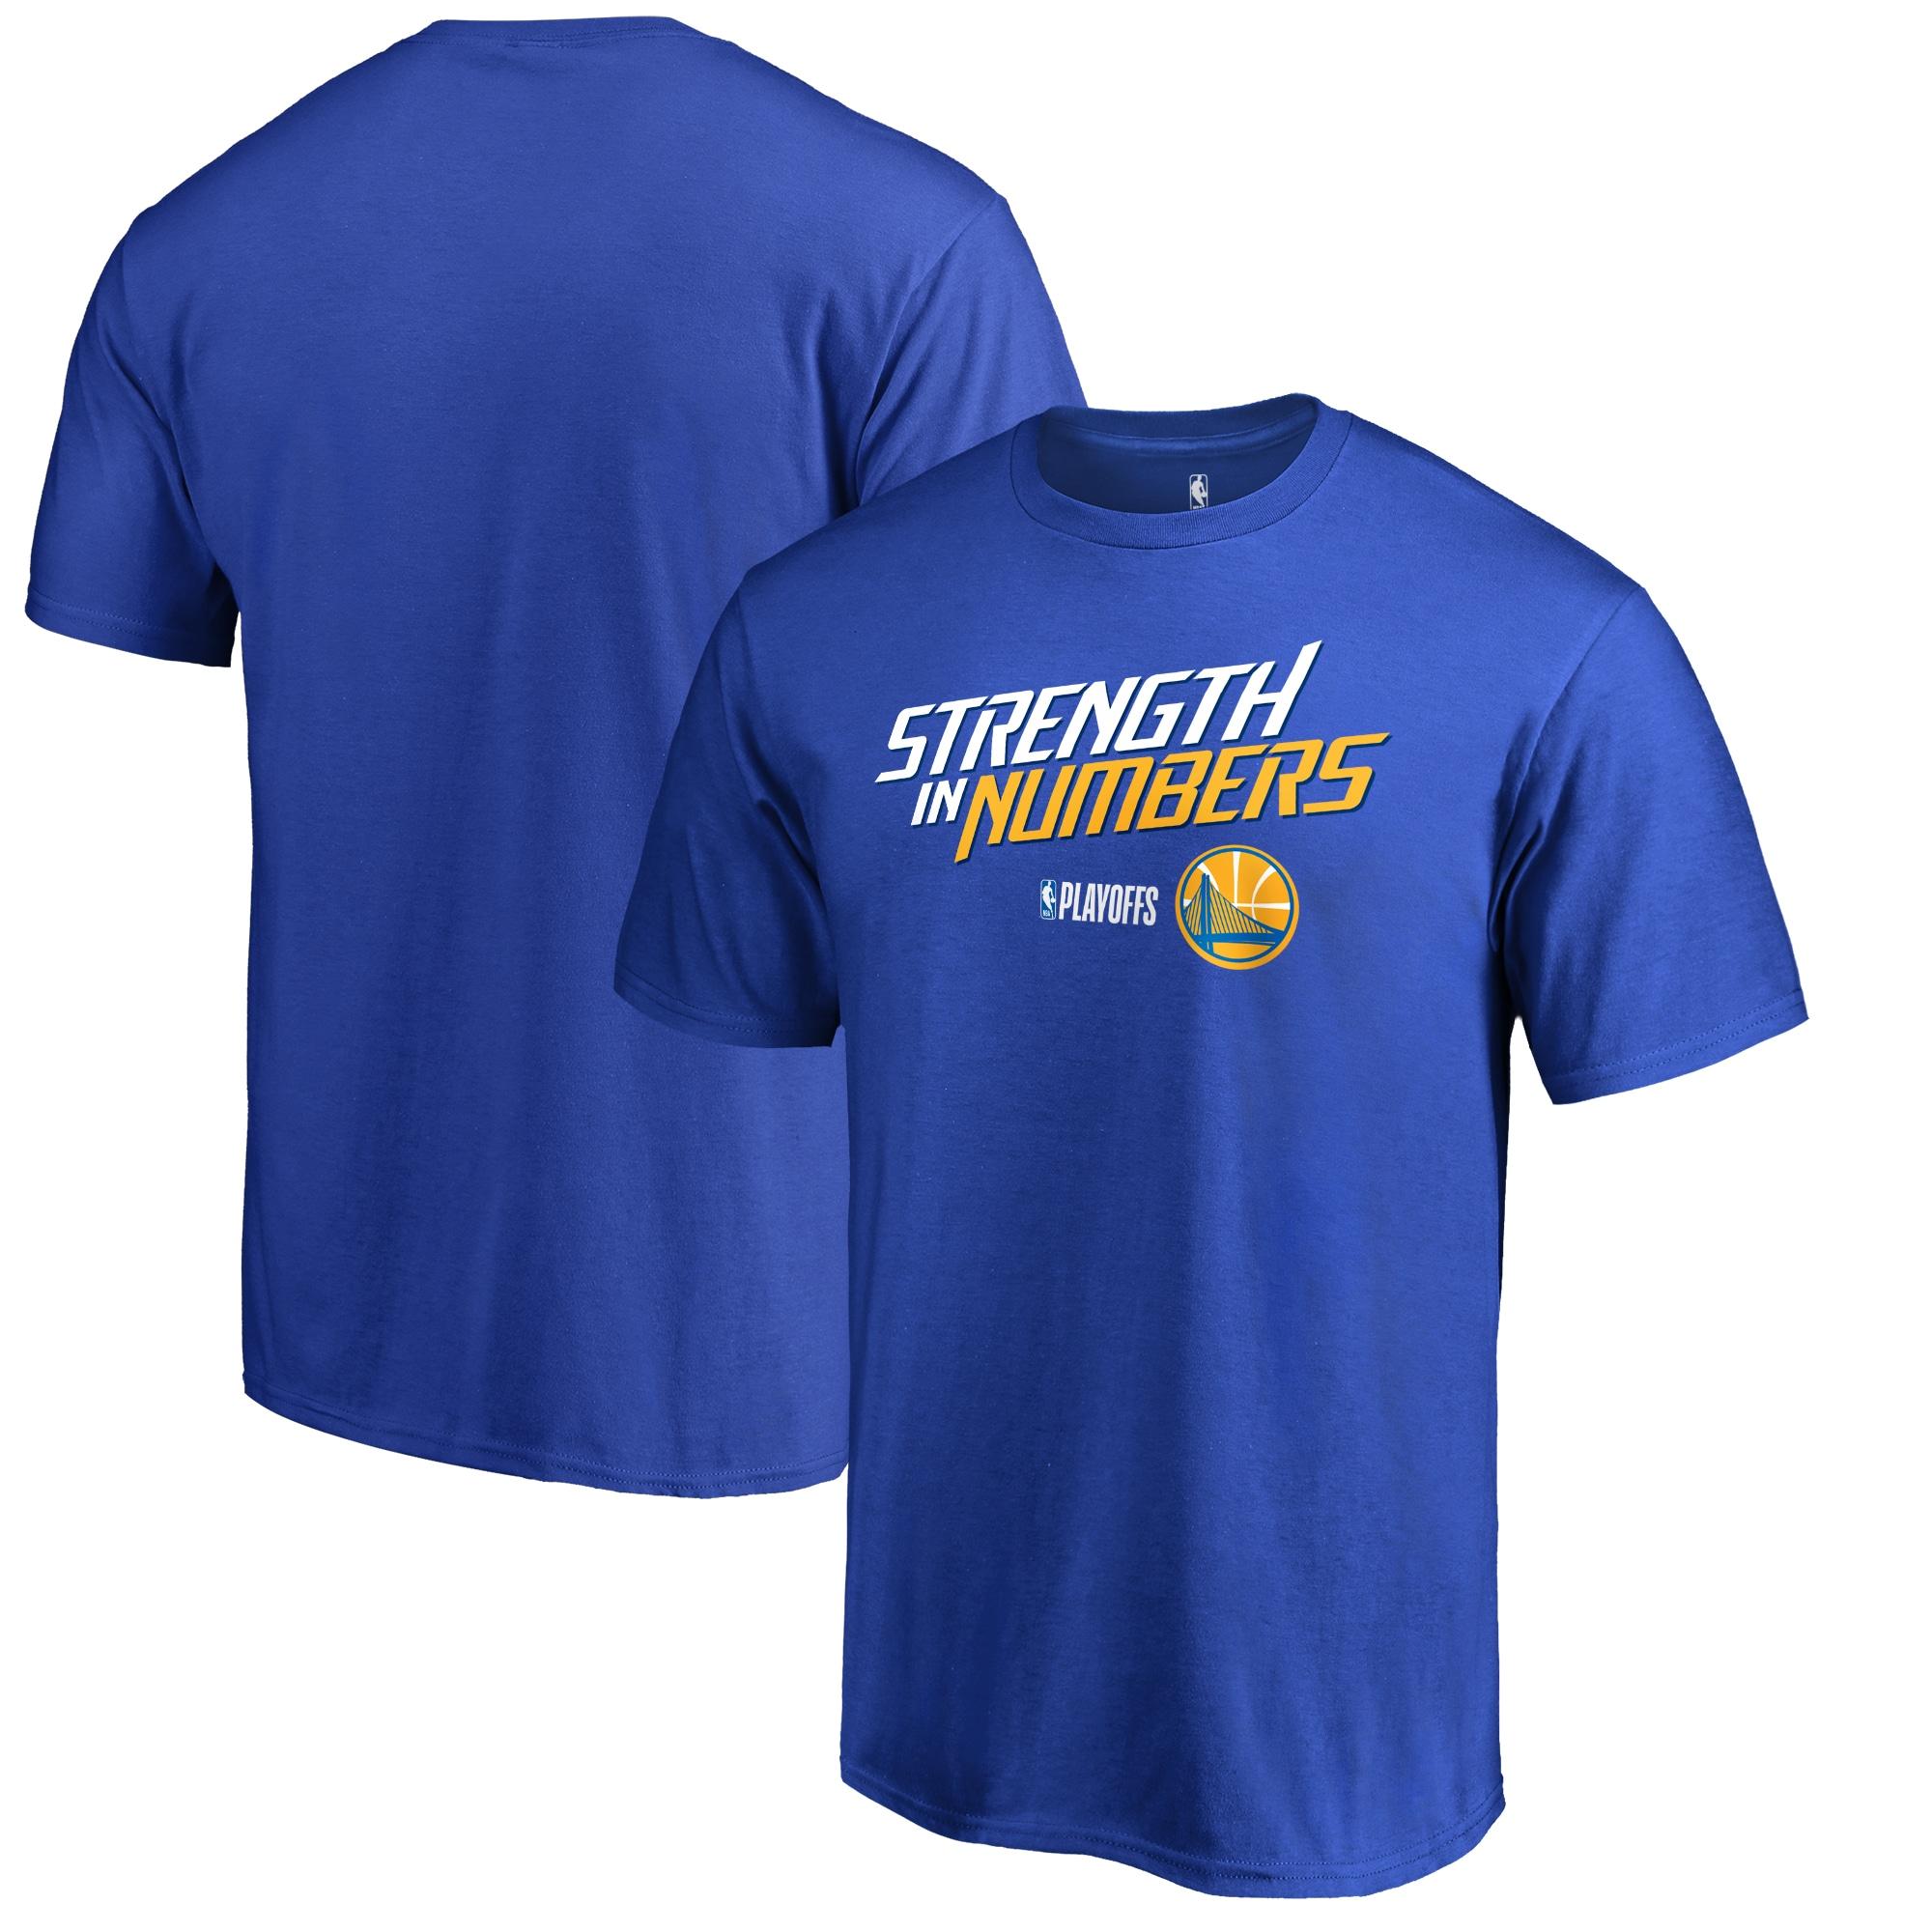 Golden State Warriors Fanatics Branded 2018 NBA Playoffs Slogan T-Shirt - Royal